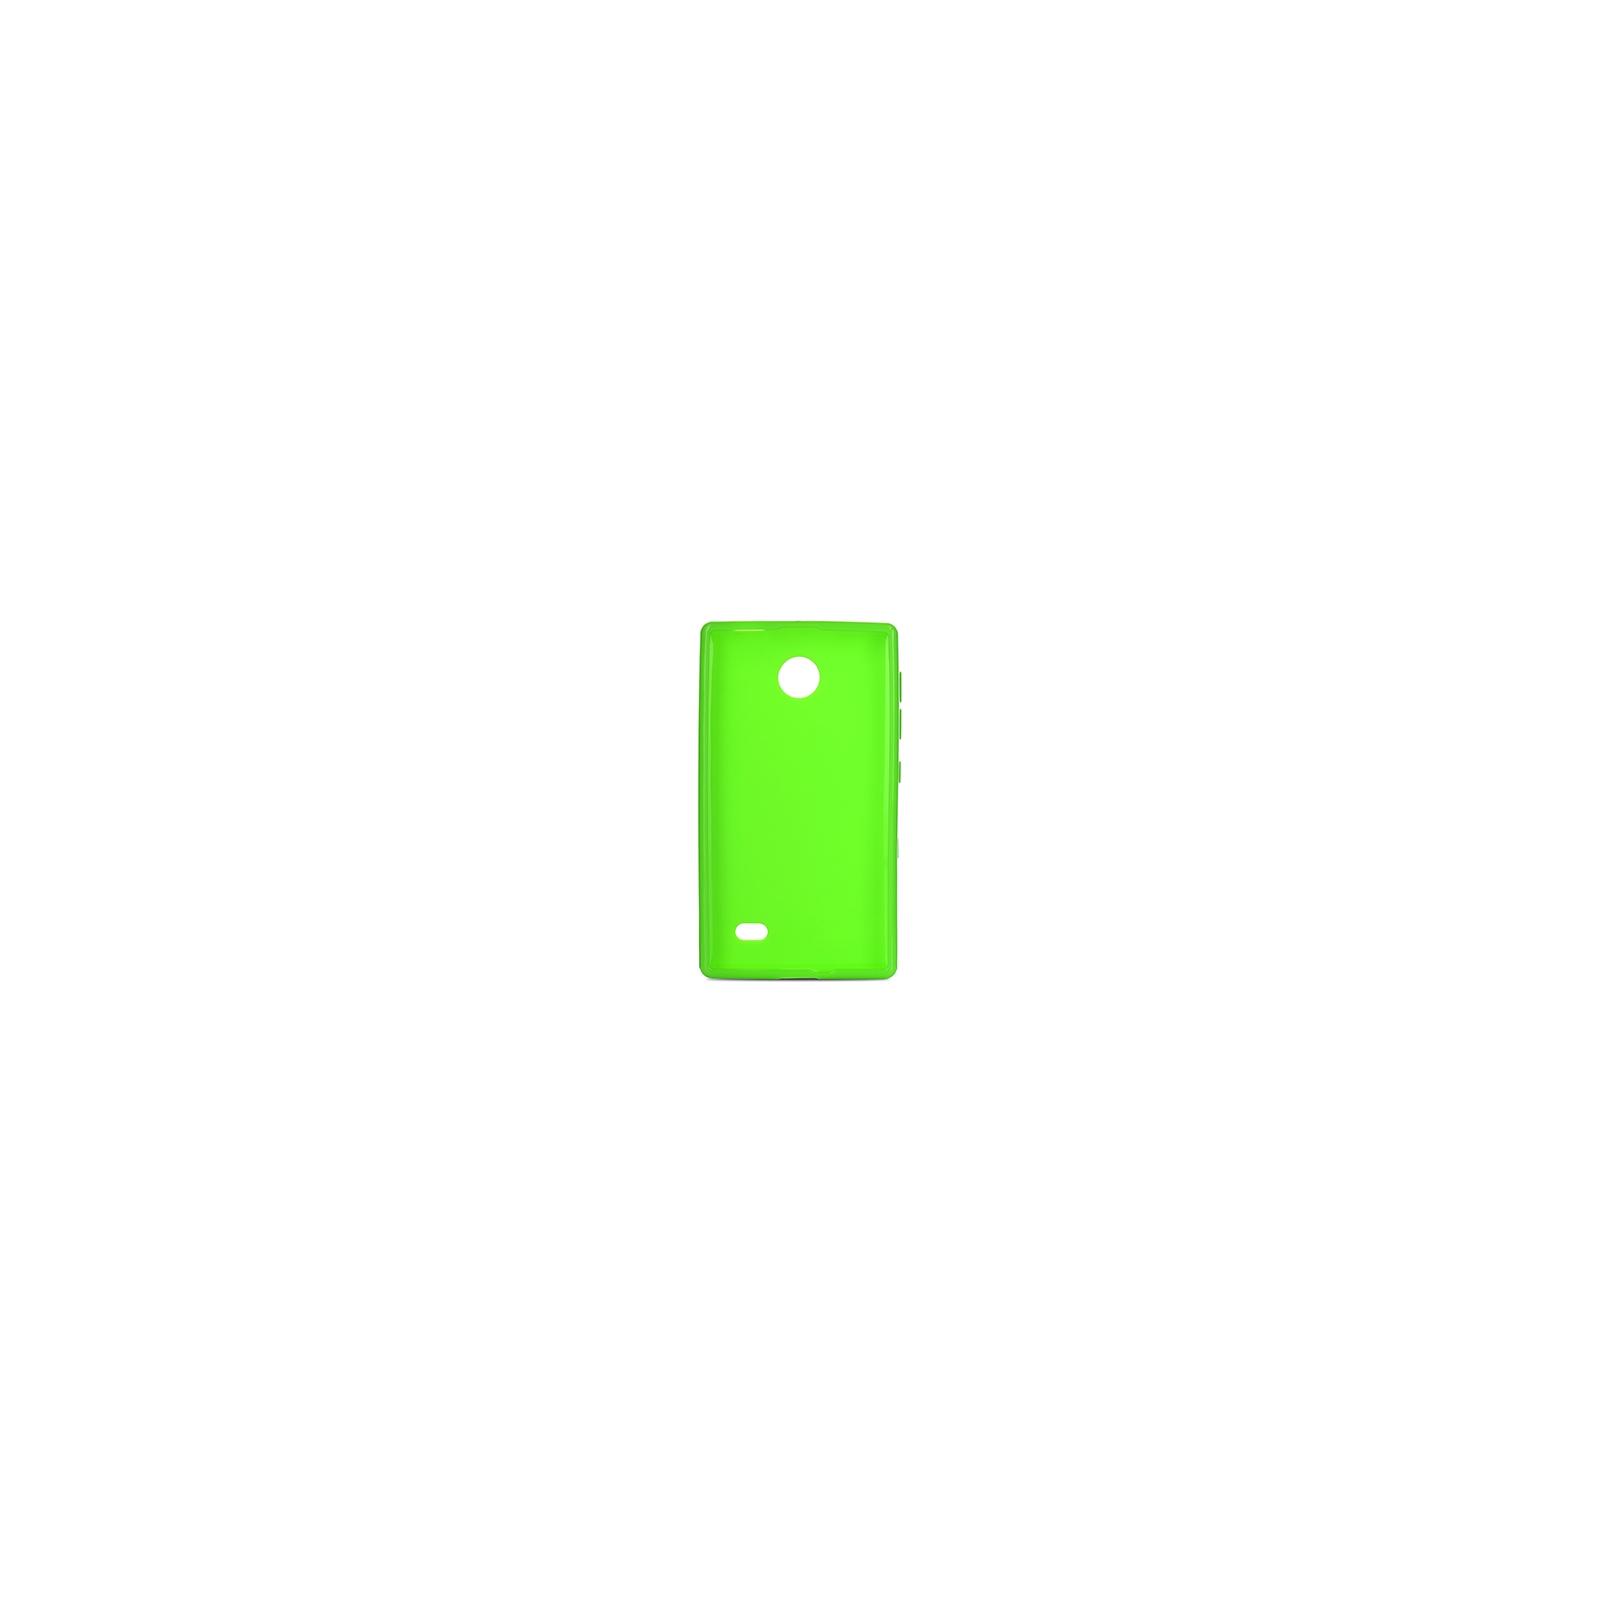 Чехол для моб. телефона Drobak для Nokia X/Elastic PU/Green (215117) изображение 2